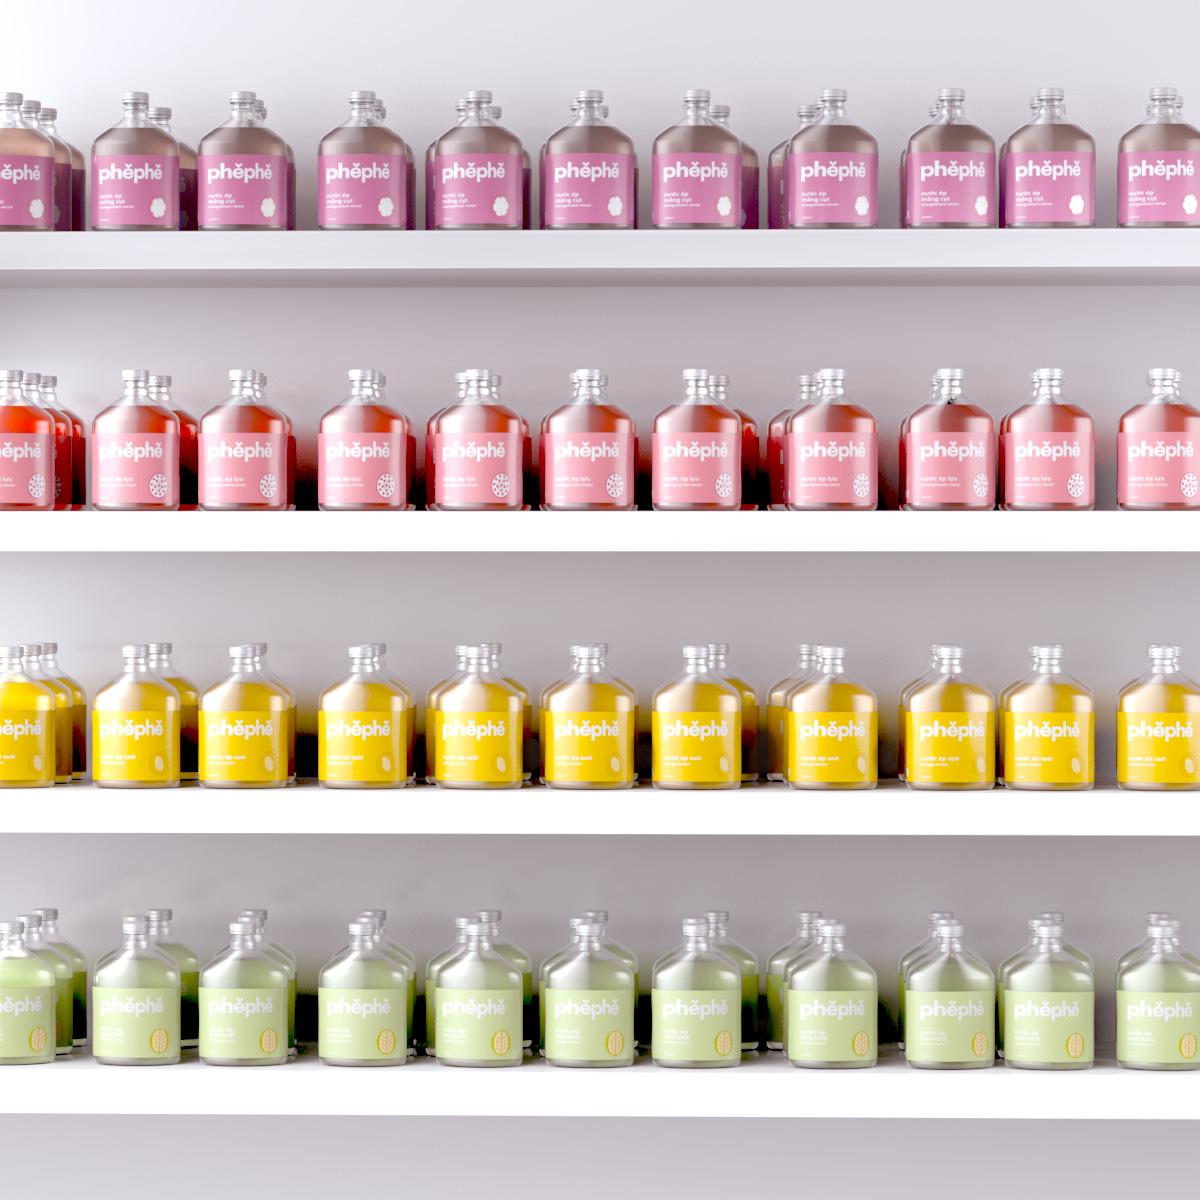 label design, packaging design, branding, product design, juice bottle, phephe, xolve branding, supermarket shelf